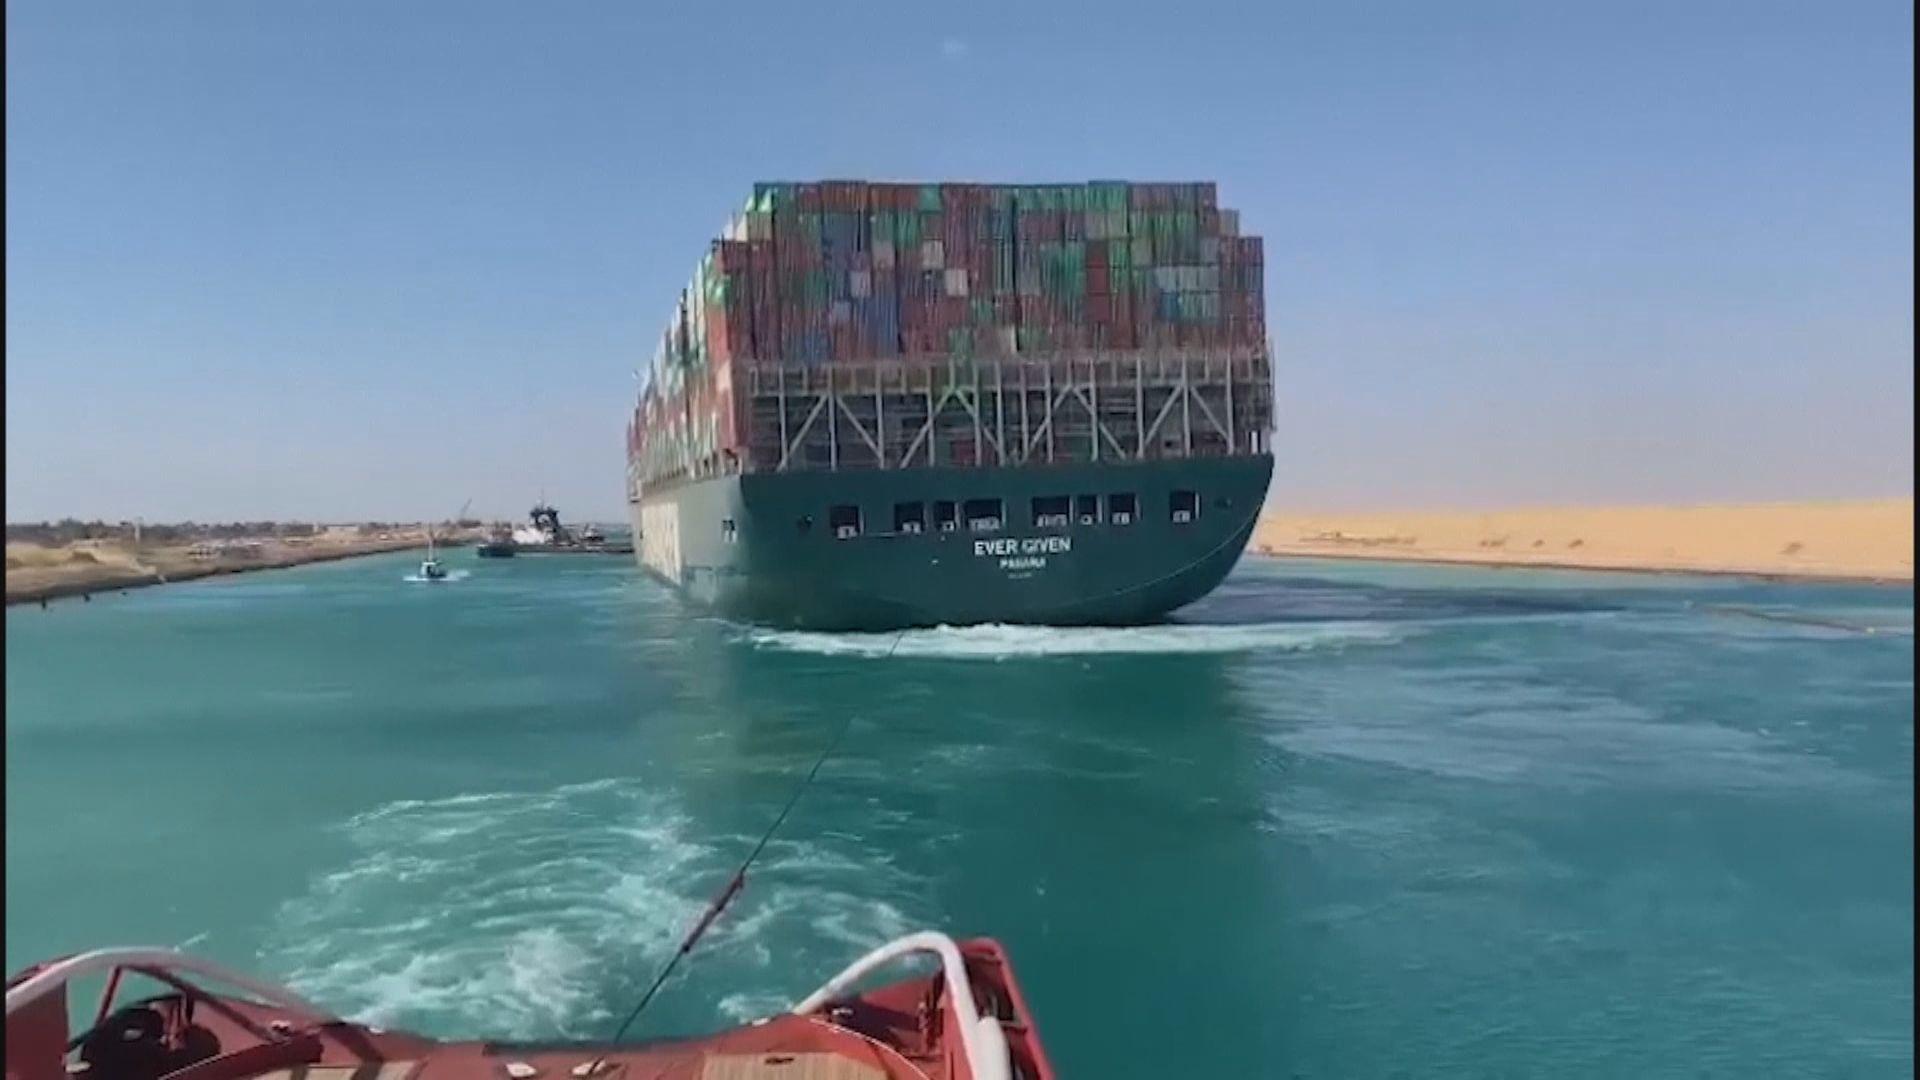 據報貨輪擱淺埃及蘇彝士運河前曾異常加速